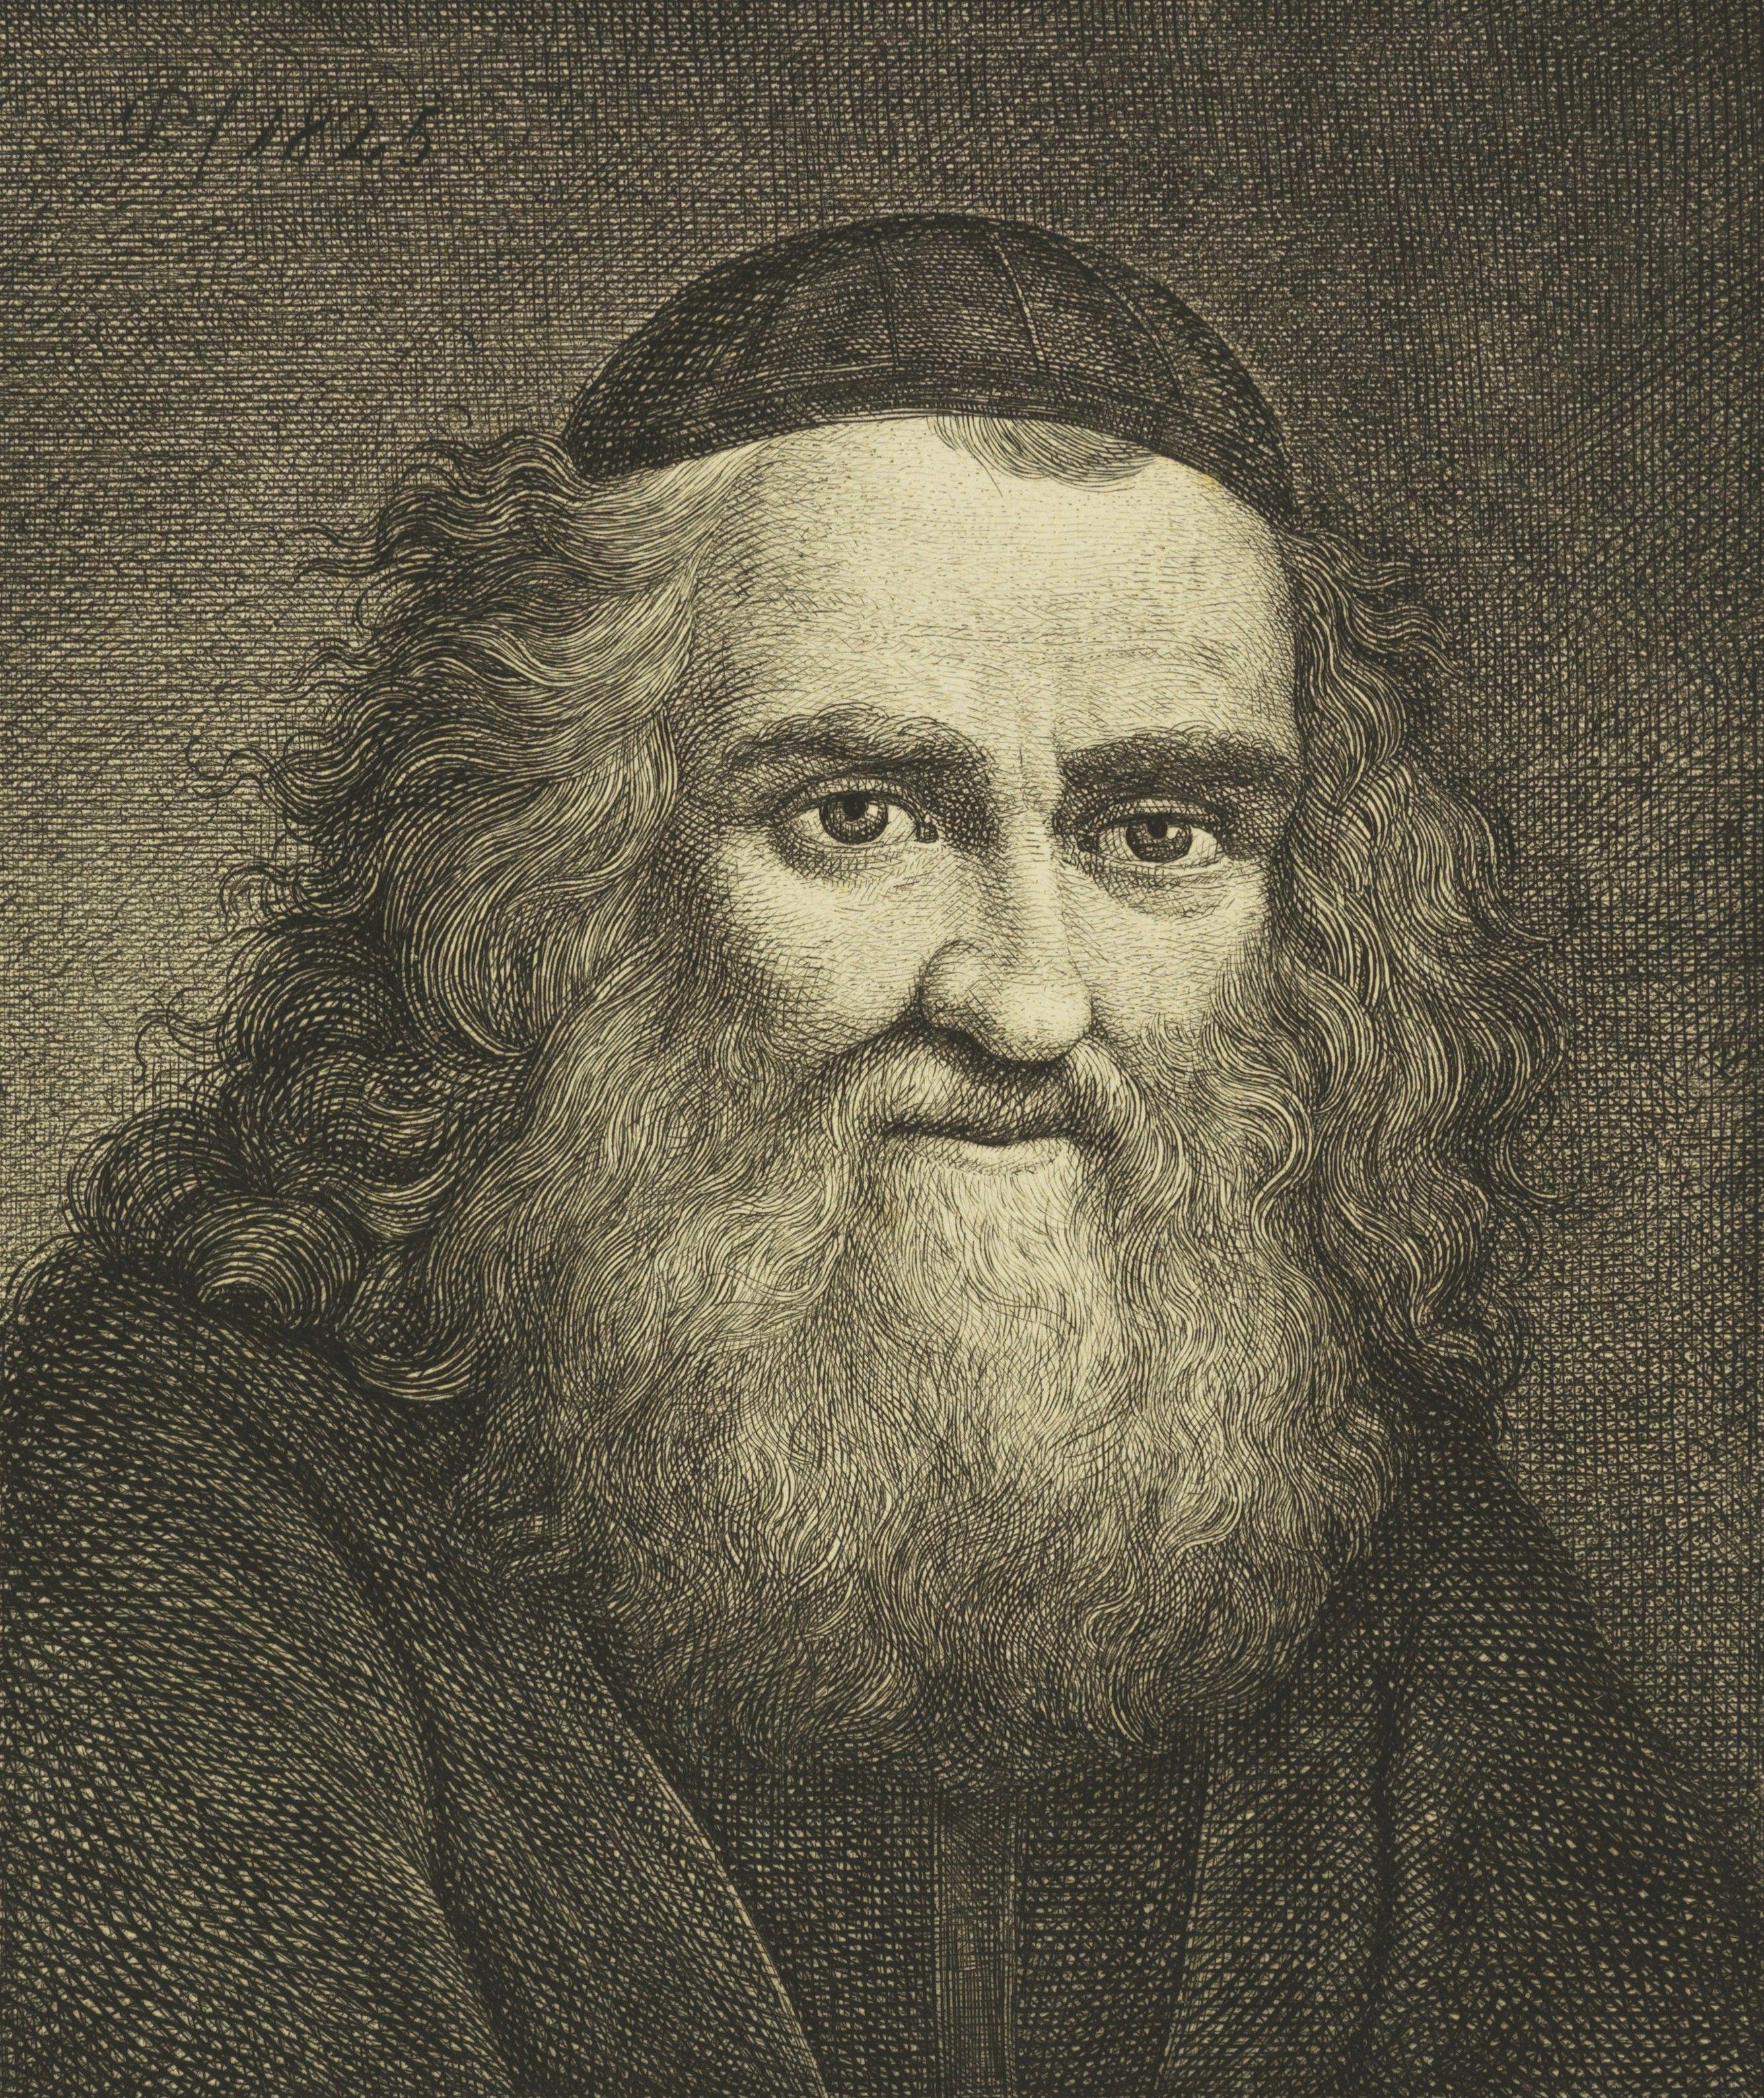 Abraham Stern na akwaforcie autorstwa Jana Feliksa Piwarskiego (źródło: domena publiczna).